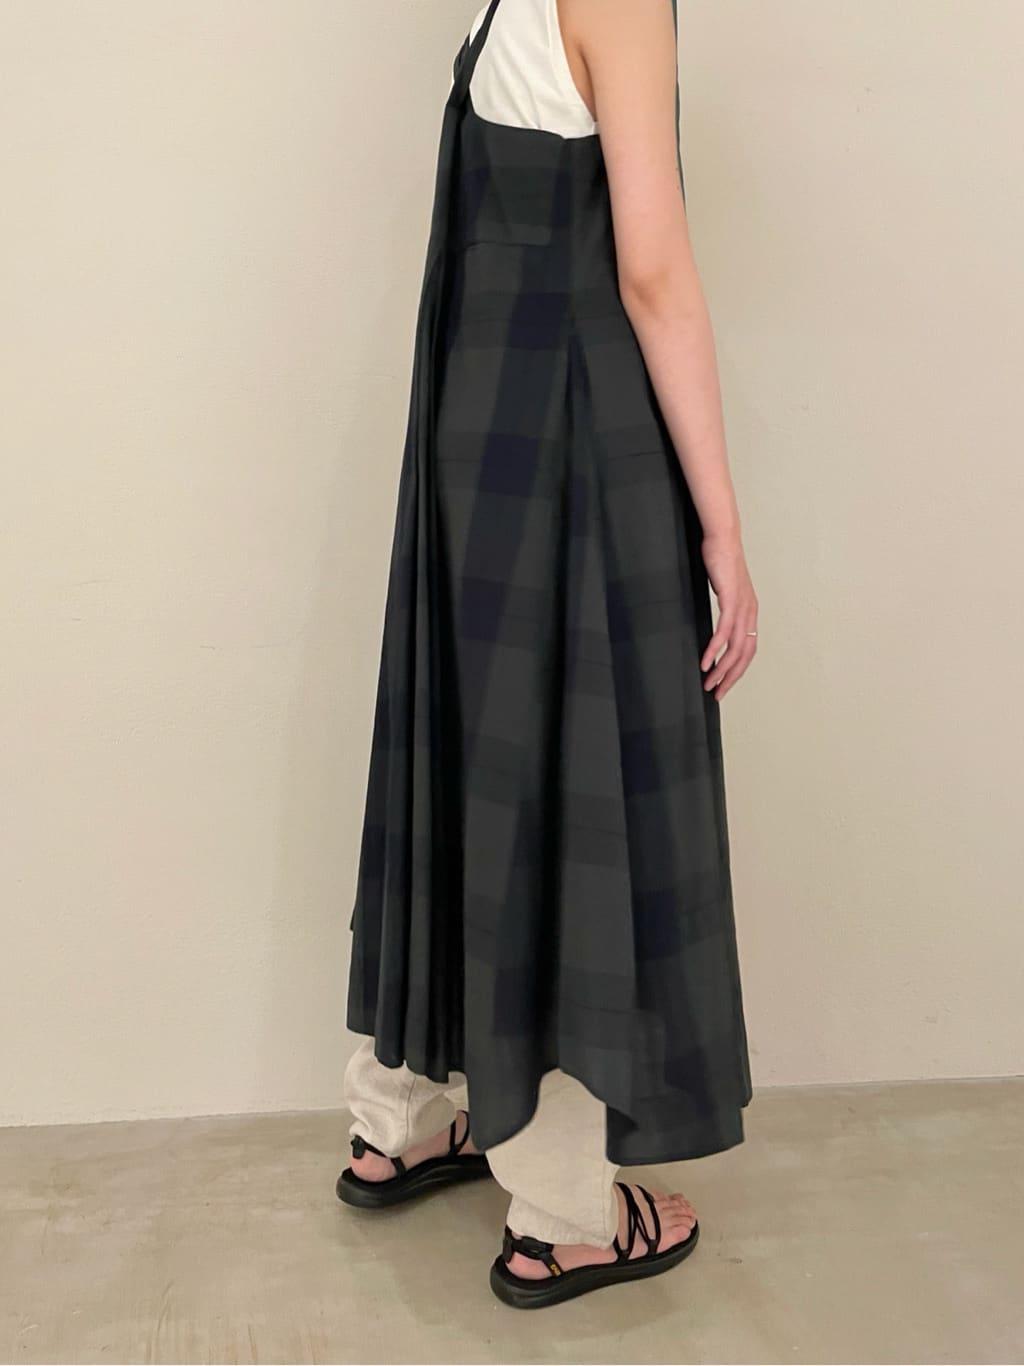 yuni ニュウマン横浜 身長:166cm 2021.06.17